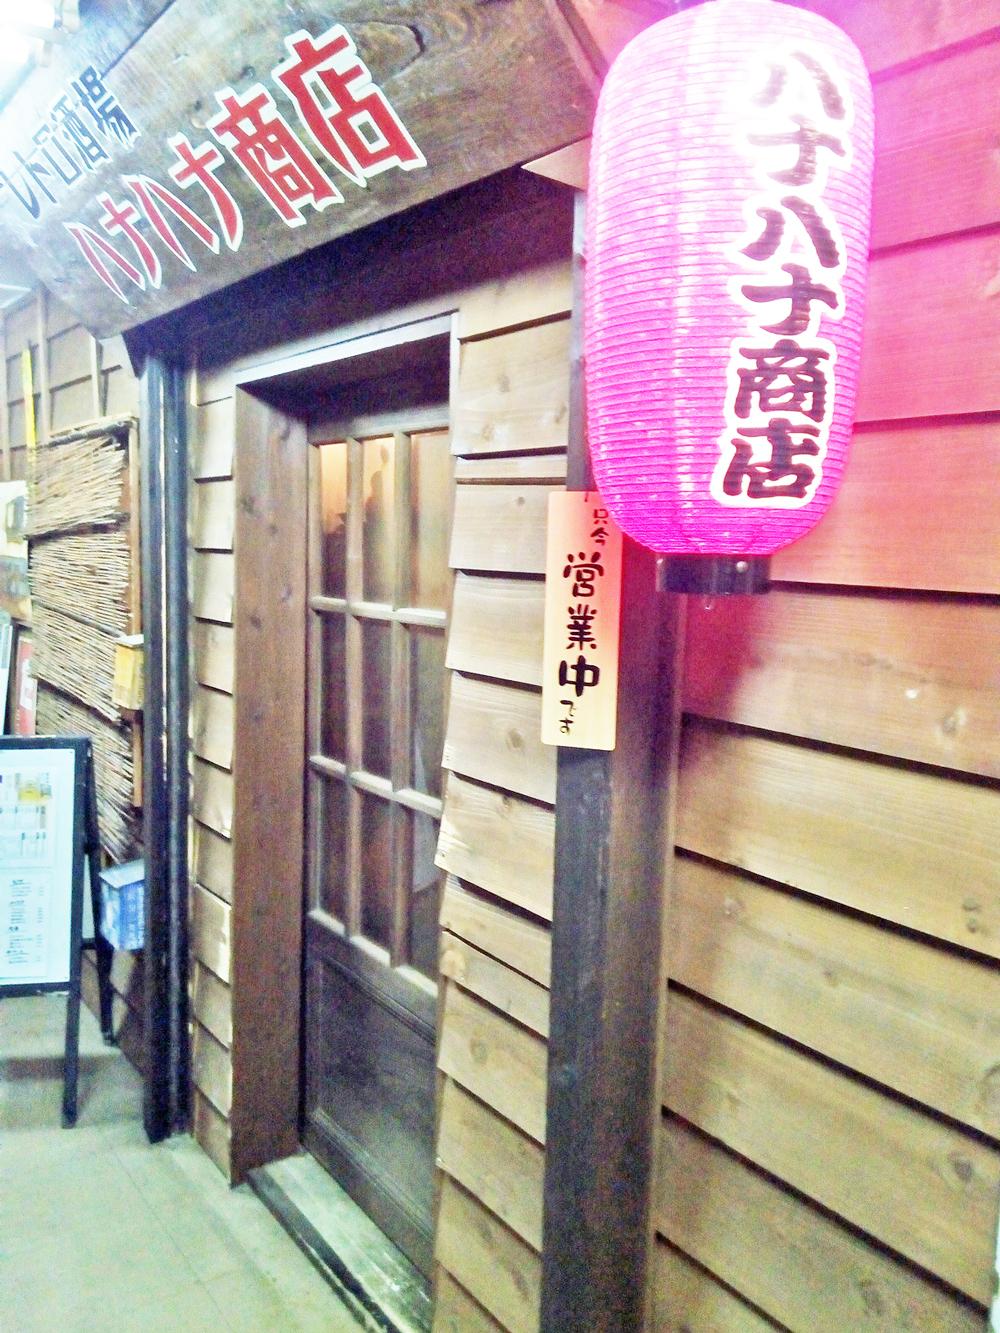 大船・居酒屋・レトロ酒場・ハナハナ商店・やきとり遊人